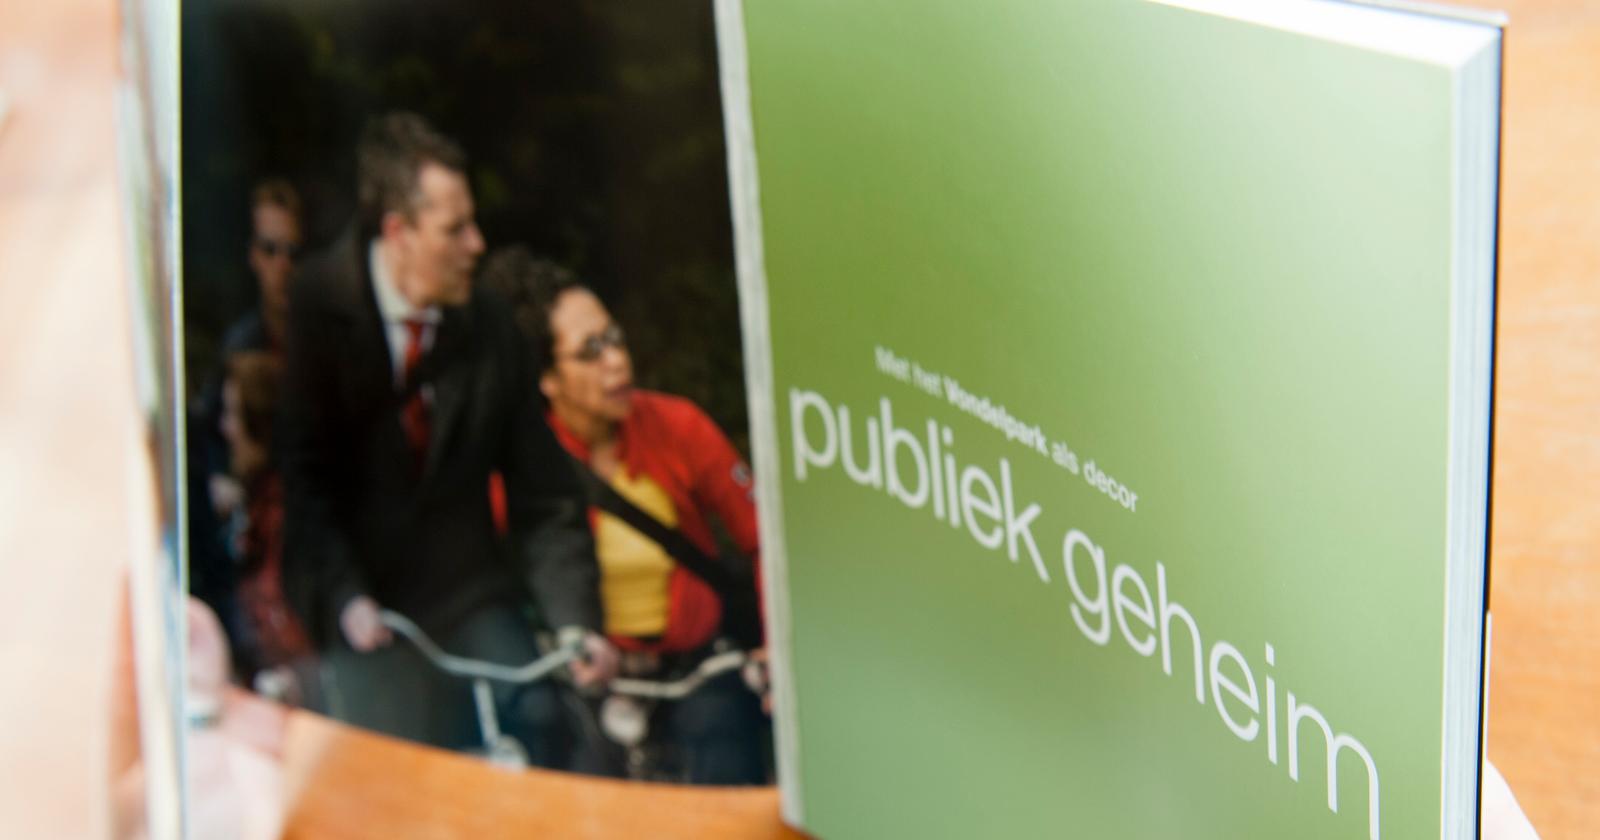 publiekgeheim33